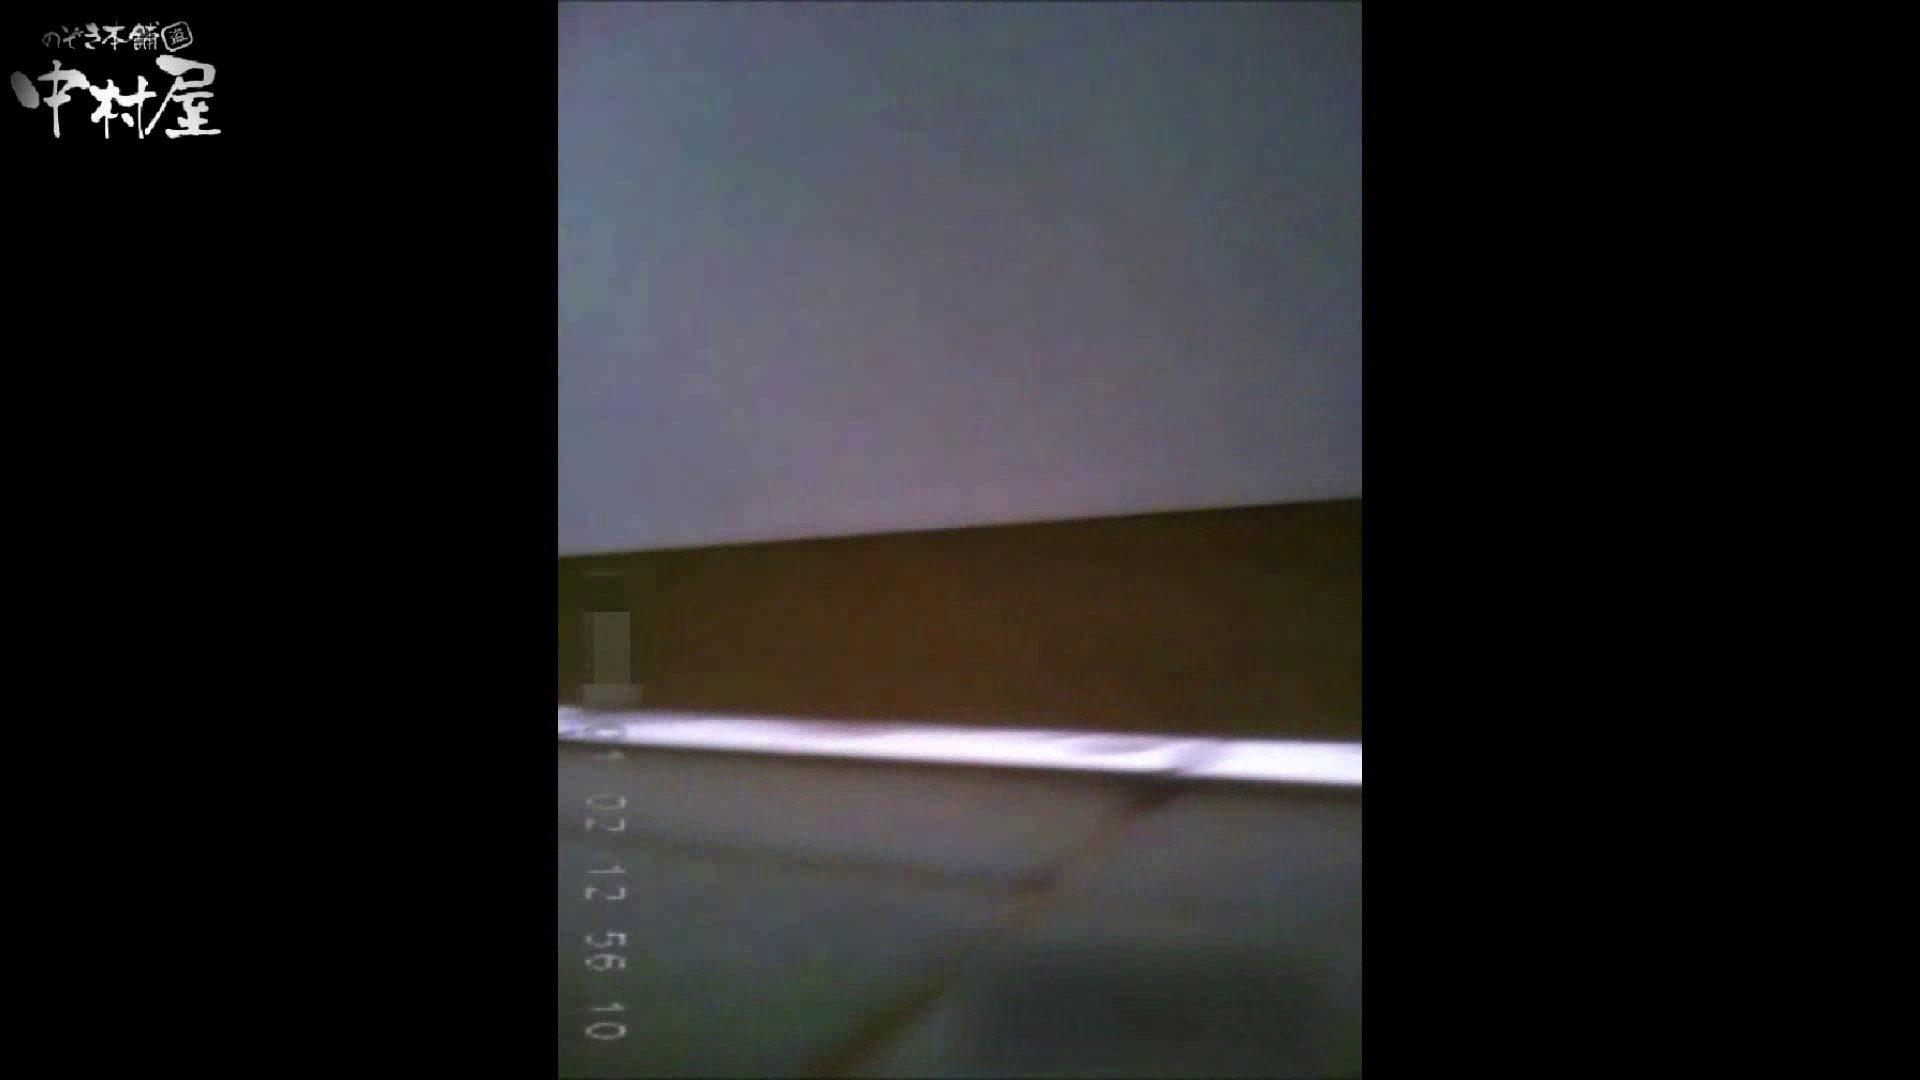 雅さんが厳選新年特別コンテンツ!激走!東京マラソン選手専用女子トイレvol.10 HなOL   女子トイレ  83pic 69